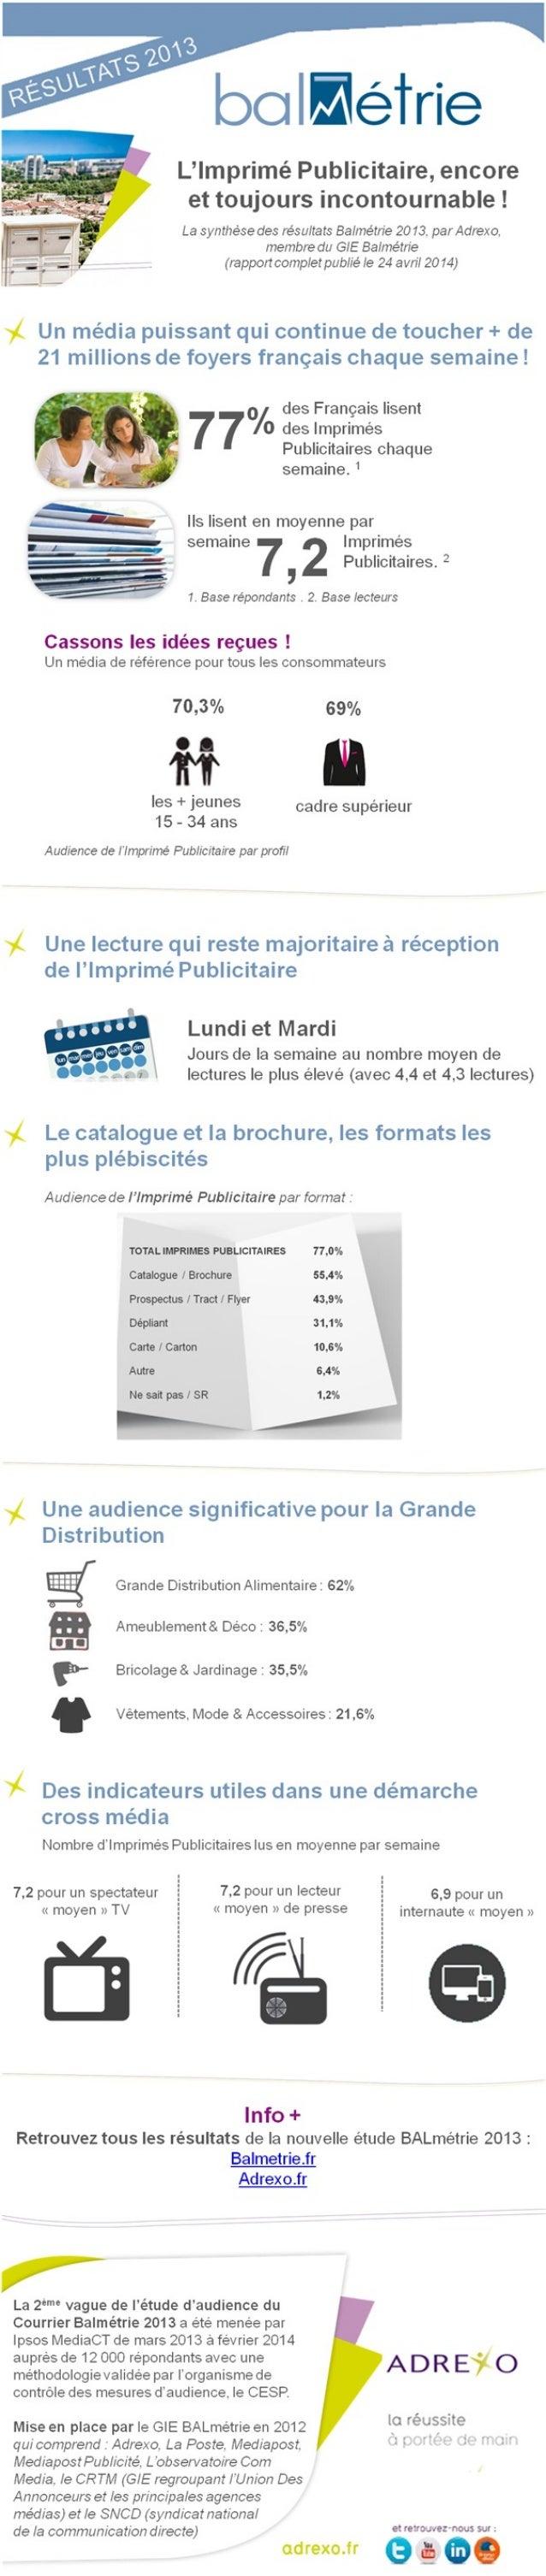 Infographie - L'imprimé Publicitaire : encore et toujours incontournable ! - Adrexo